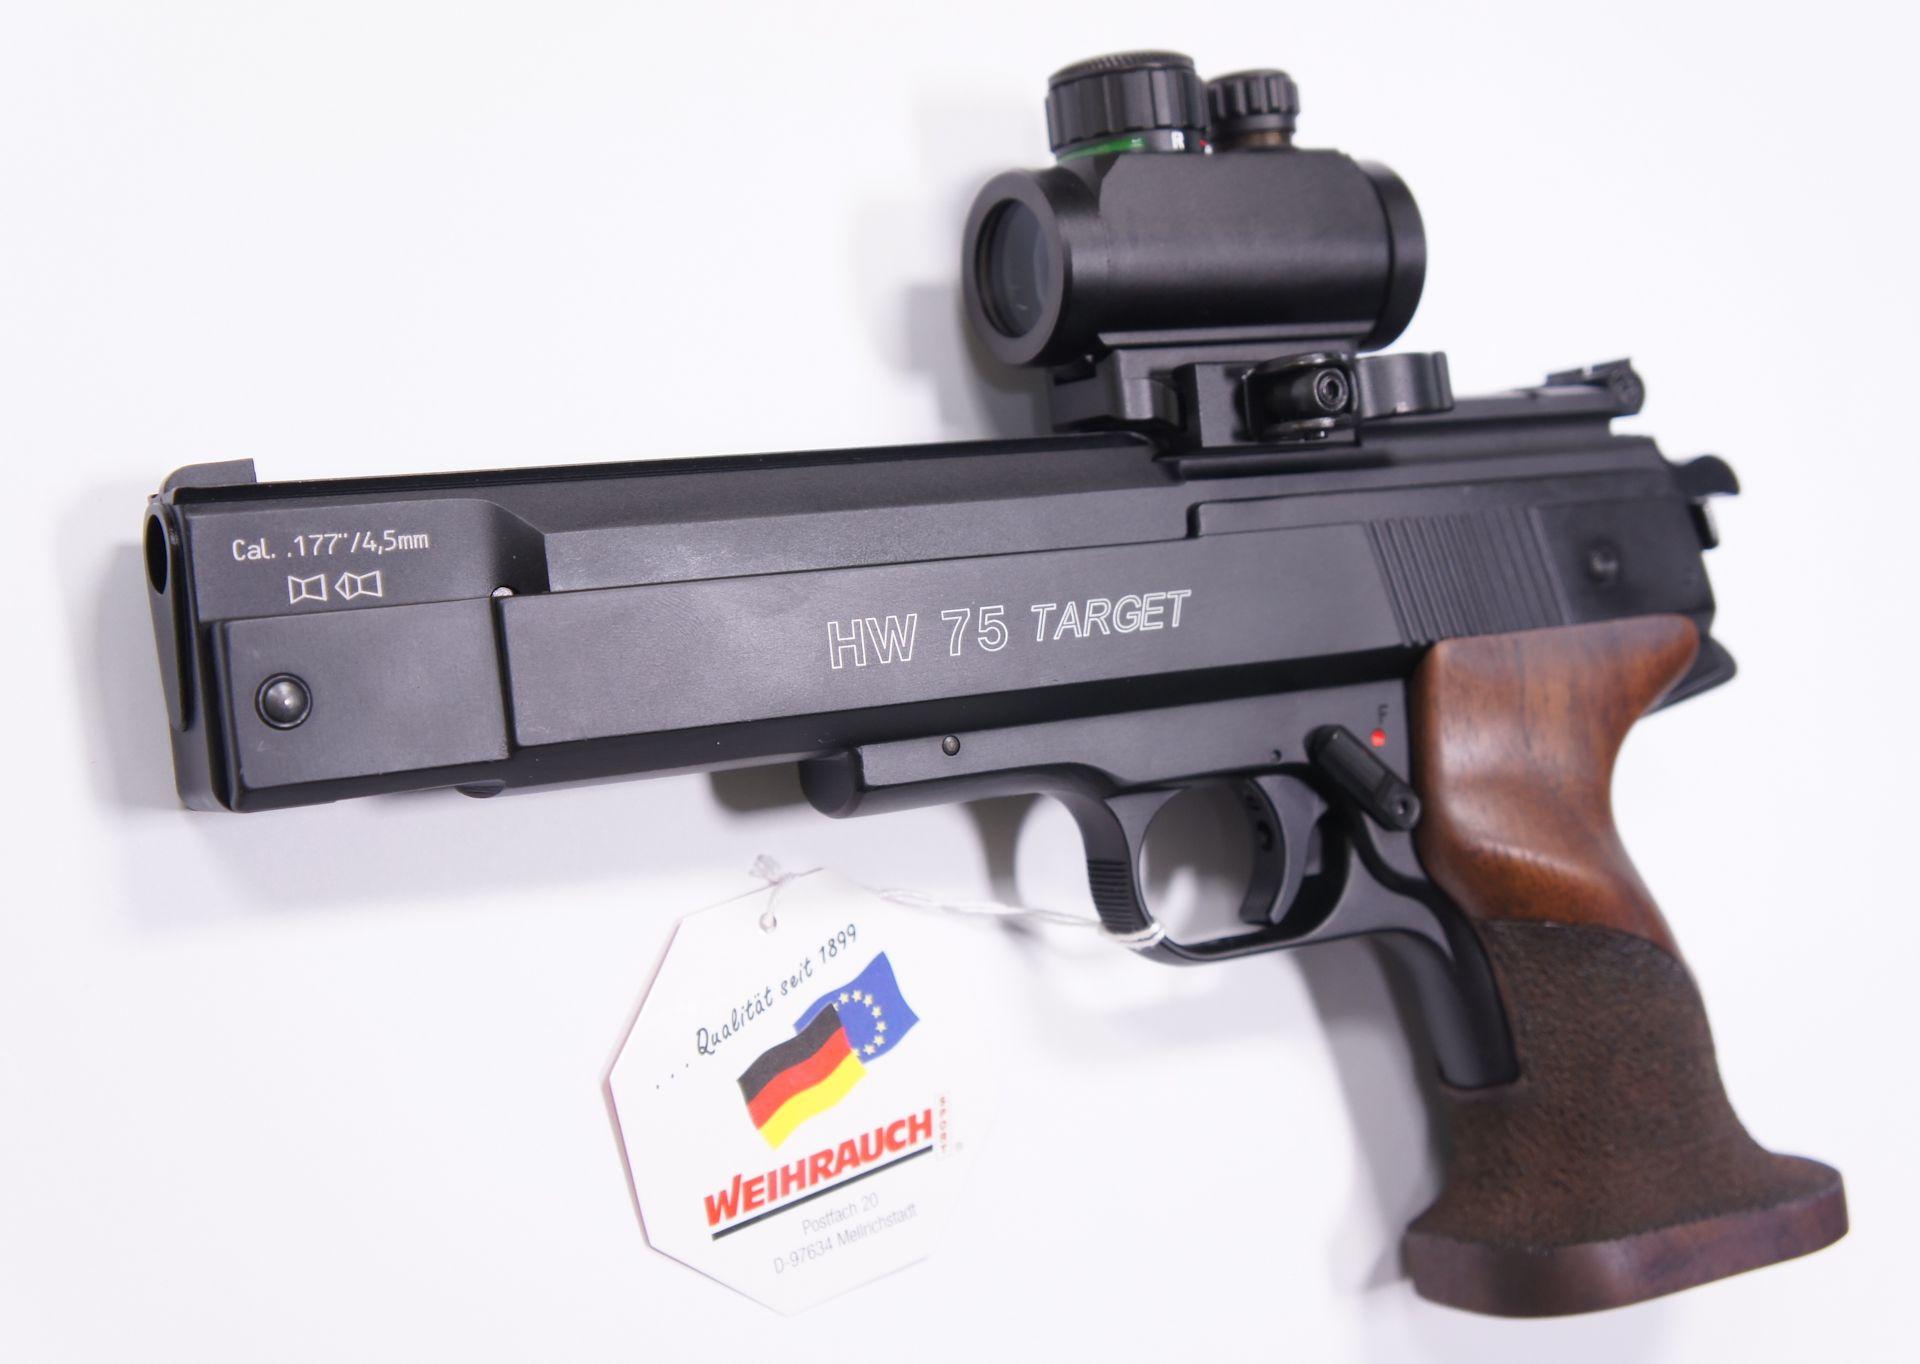 Luftpistole HW 75 Target im Kaliber im 4,5mm.